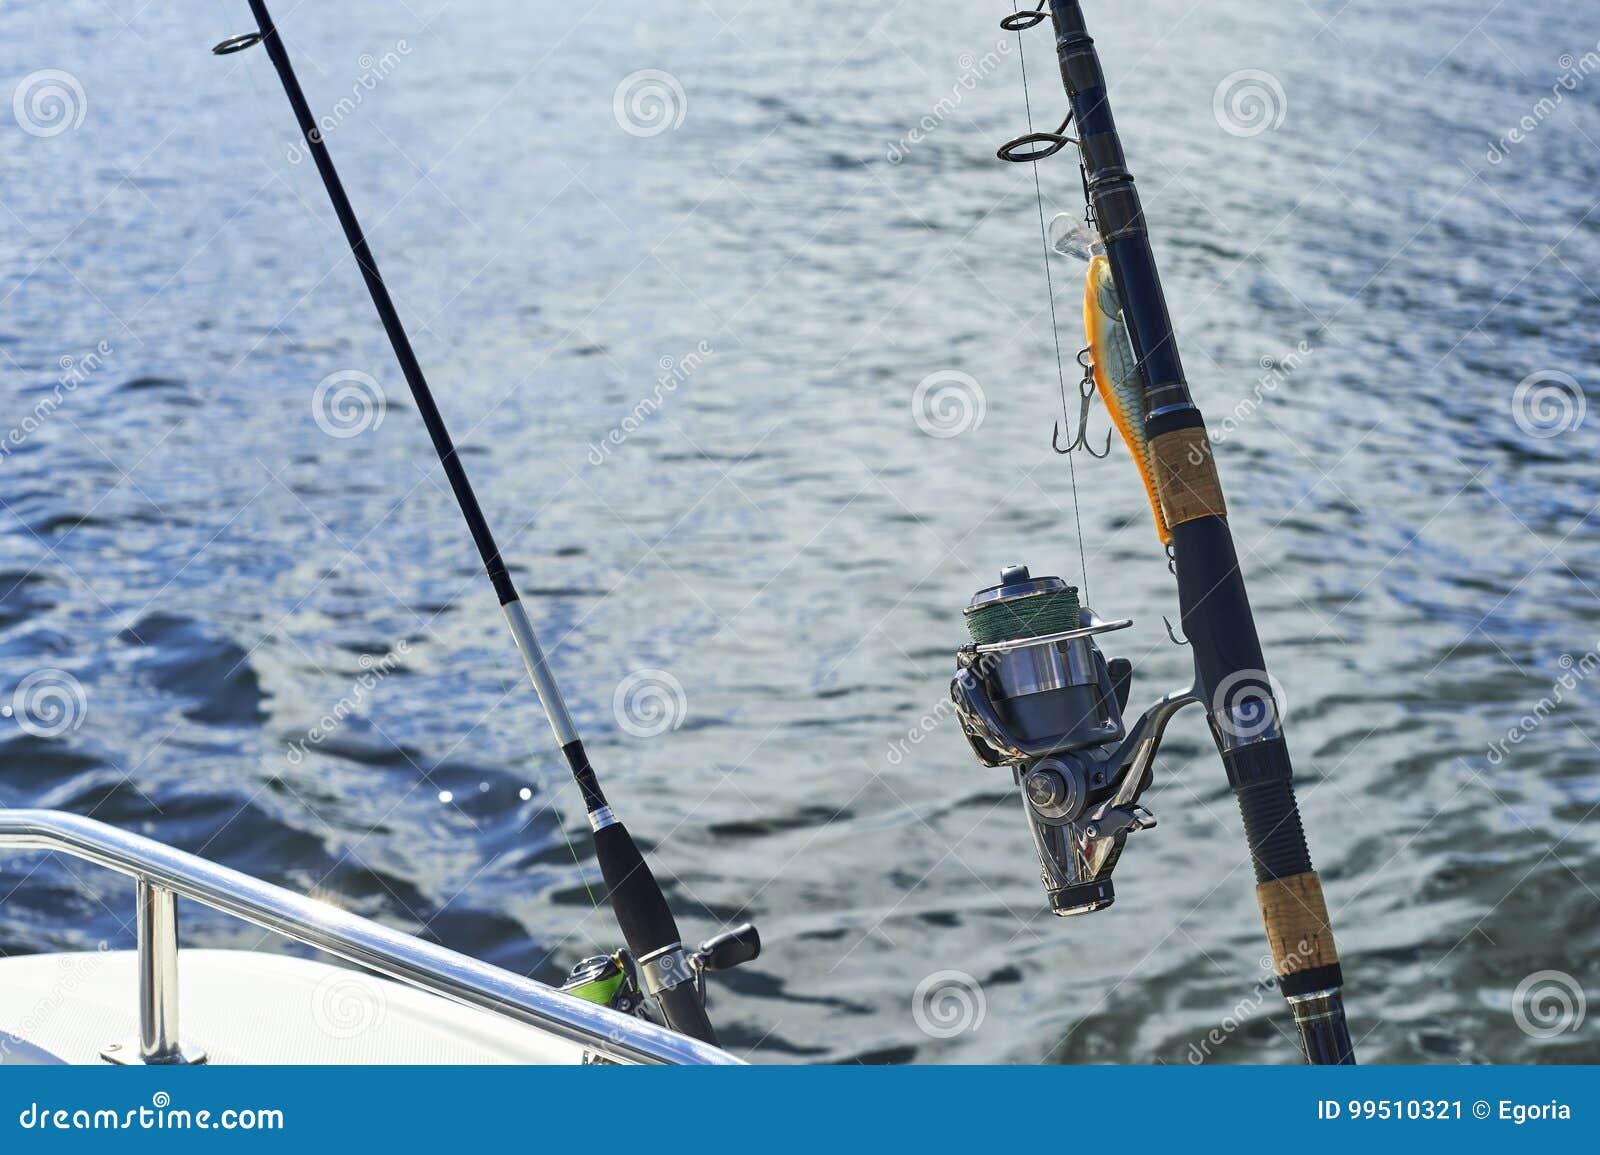 Giro con la pesca con cebo de cuchara con cebo de cuchara en el casco del ` s de la nave contra el fondo